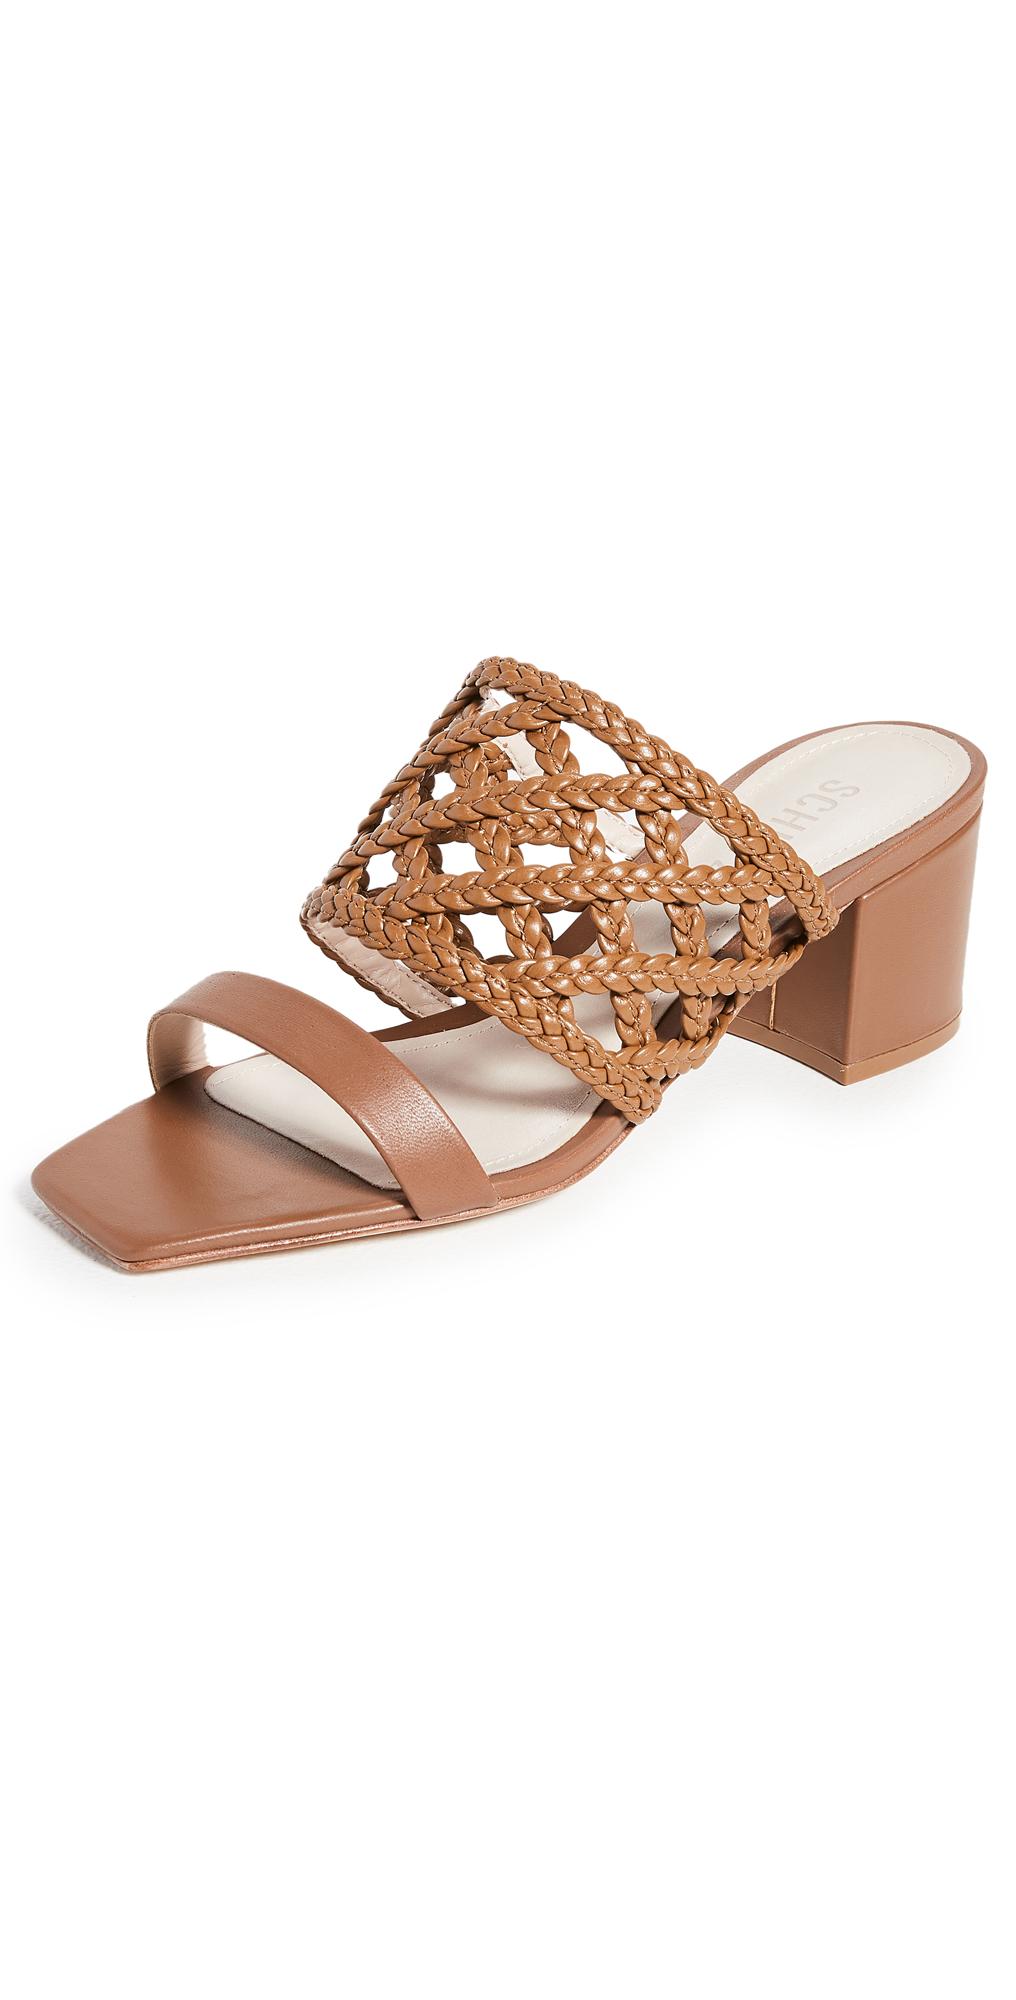 Schutz Angie Sandals